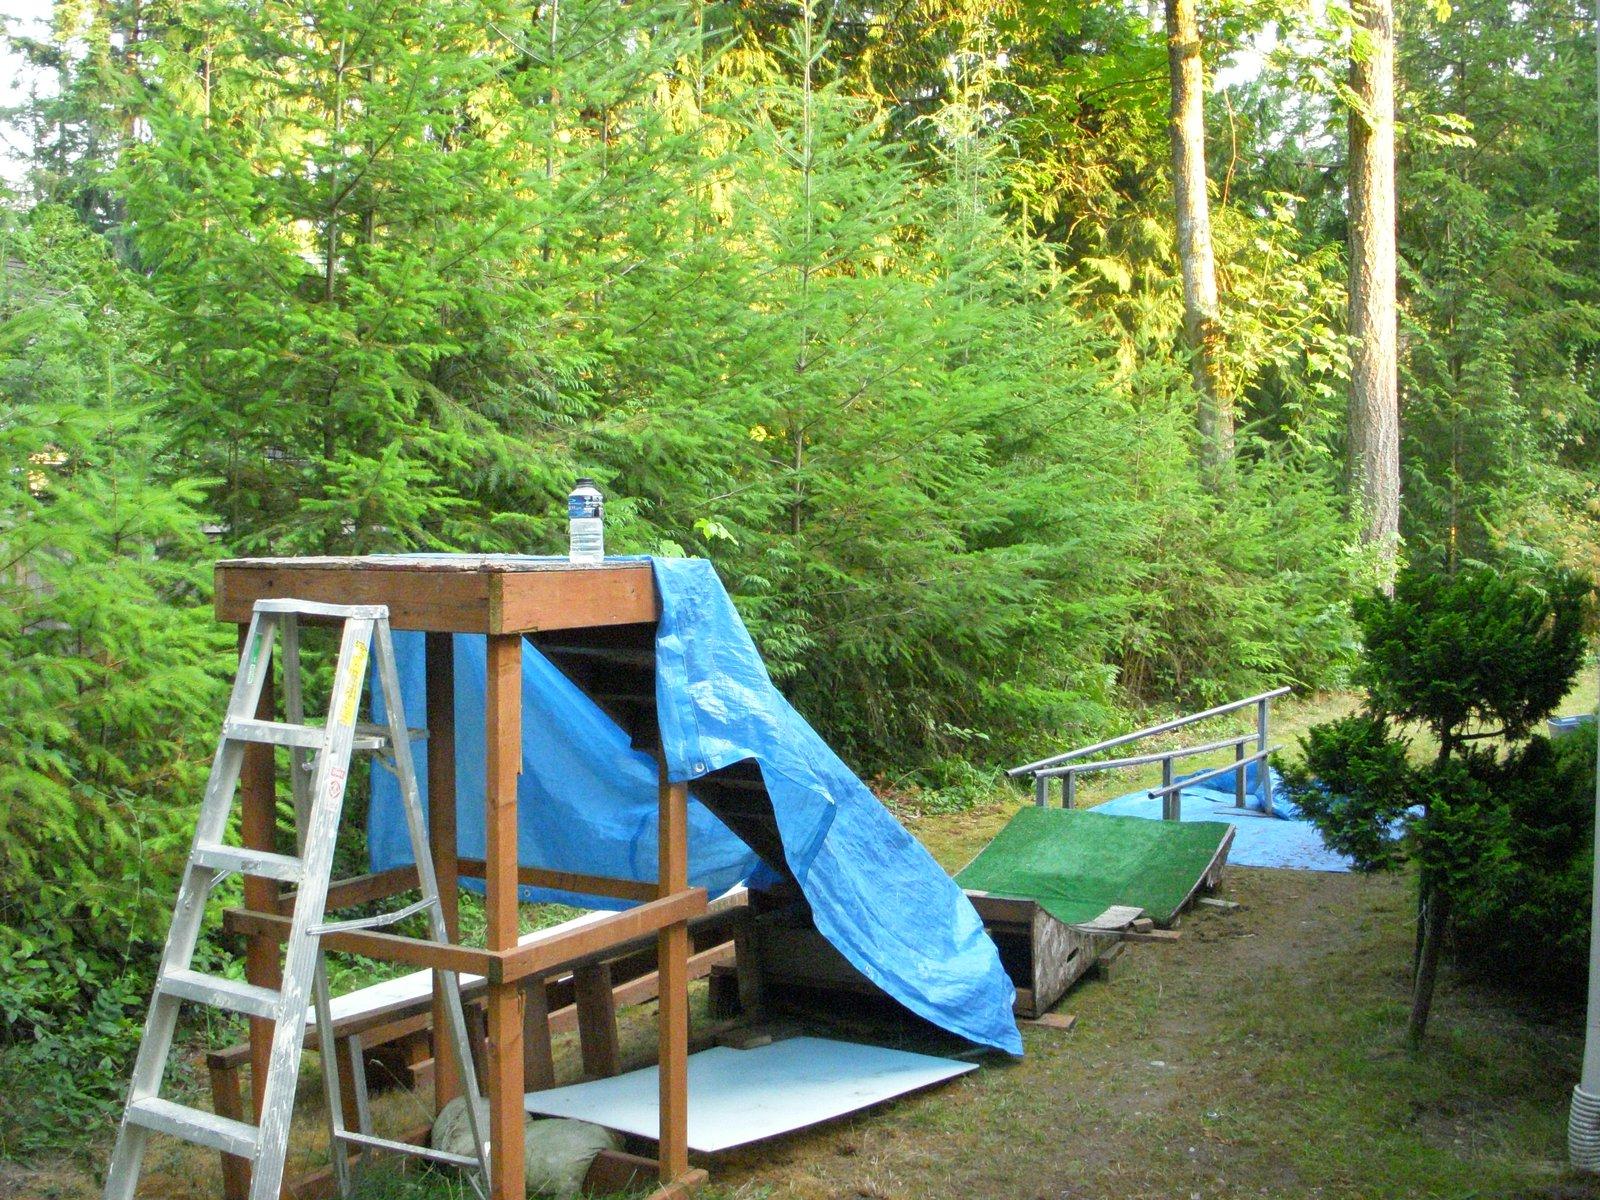 Backyard Setup Different Angle